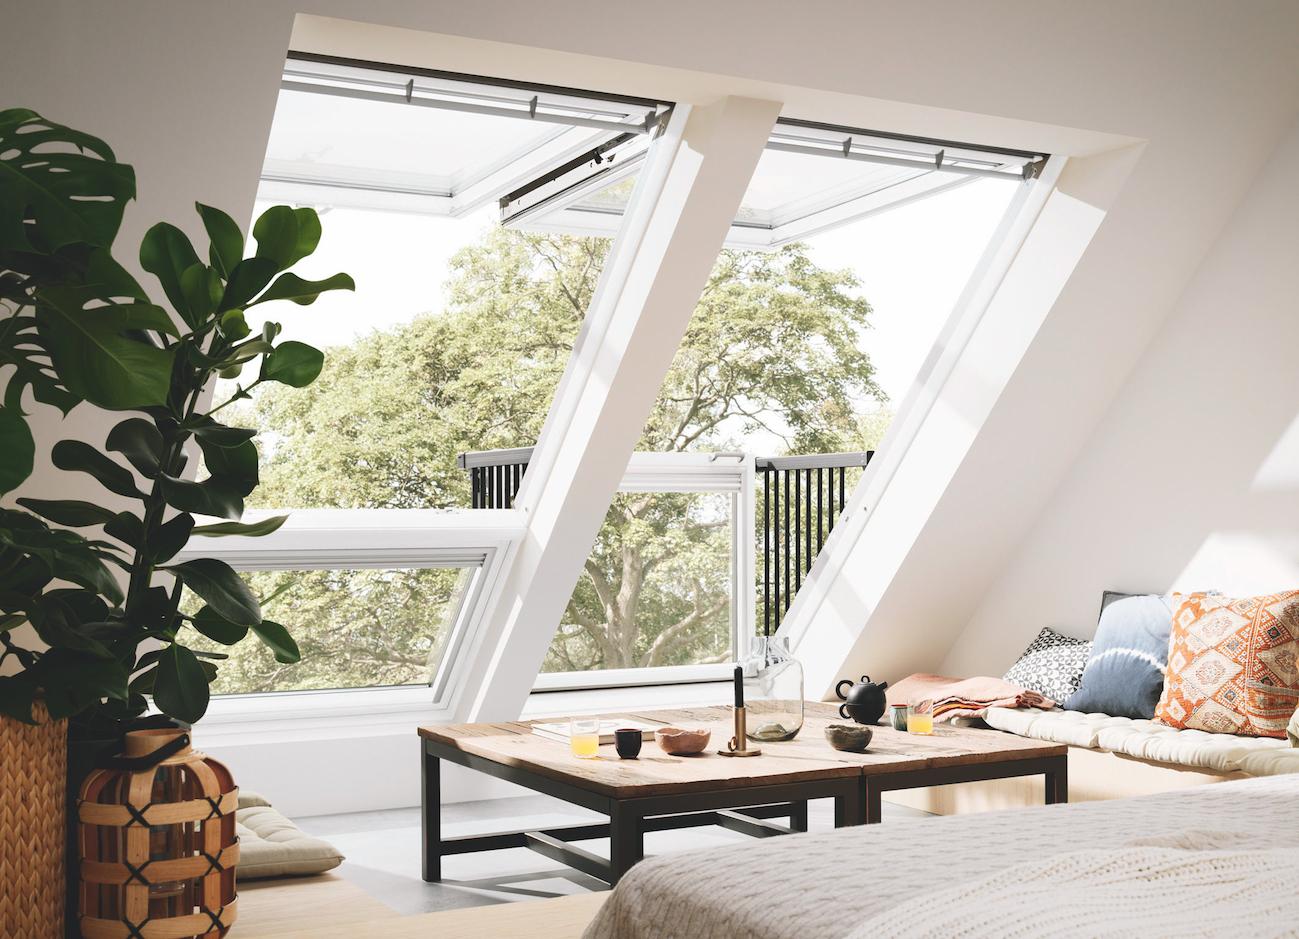 wir planen und bauen unser haus hausbau ratgeber. Black Bedroom Furniture Sets. Home Design Ideas